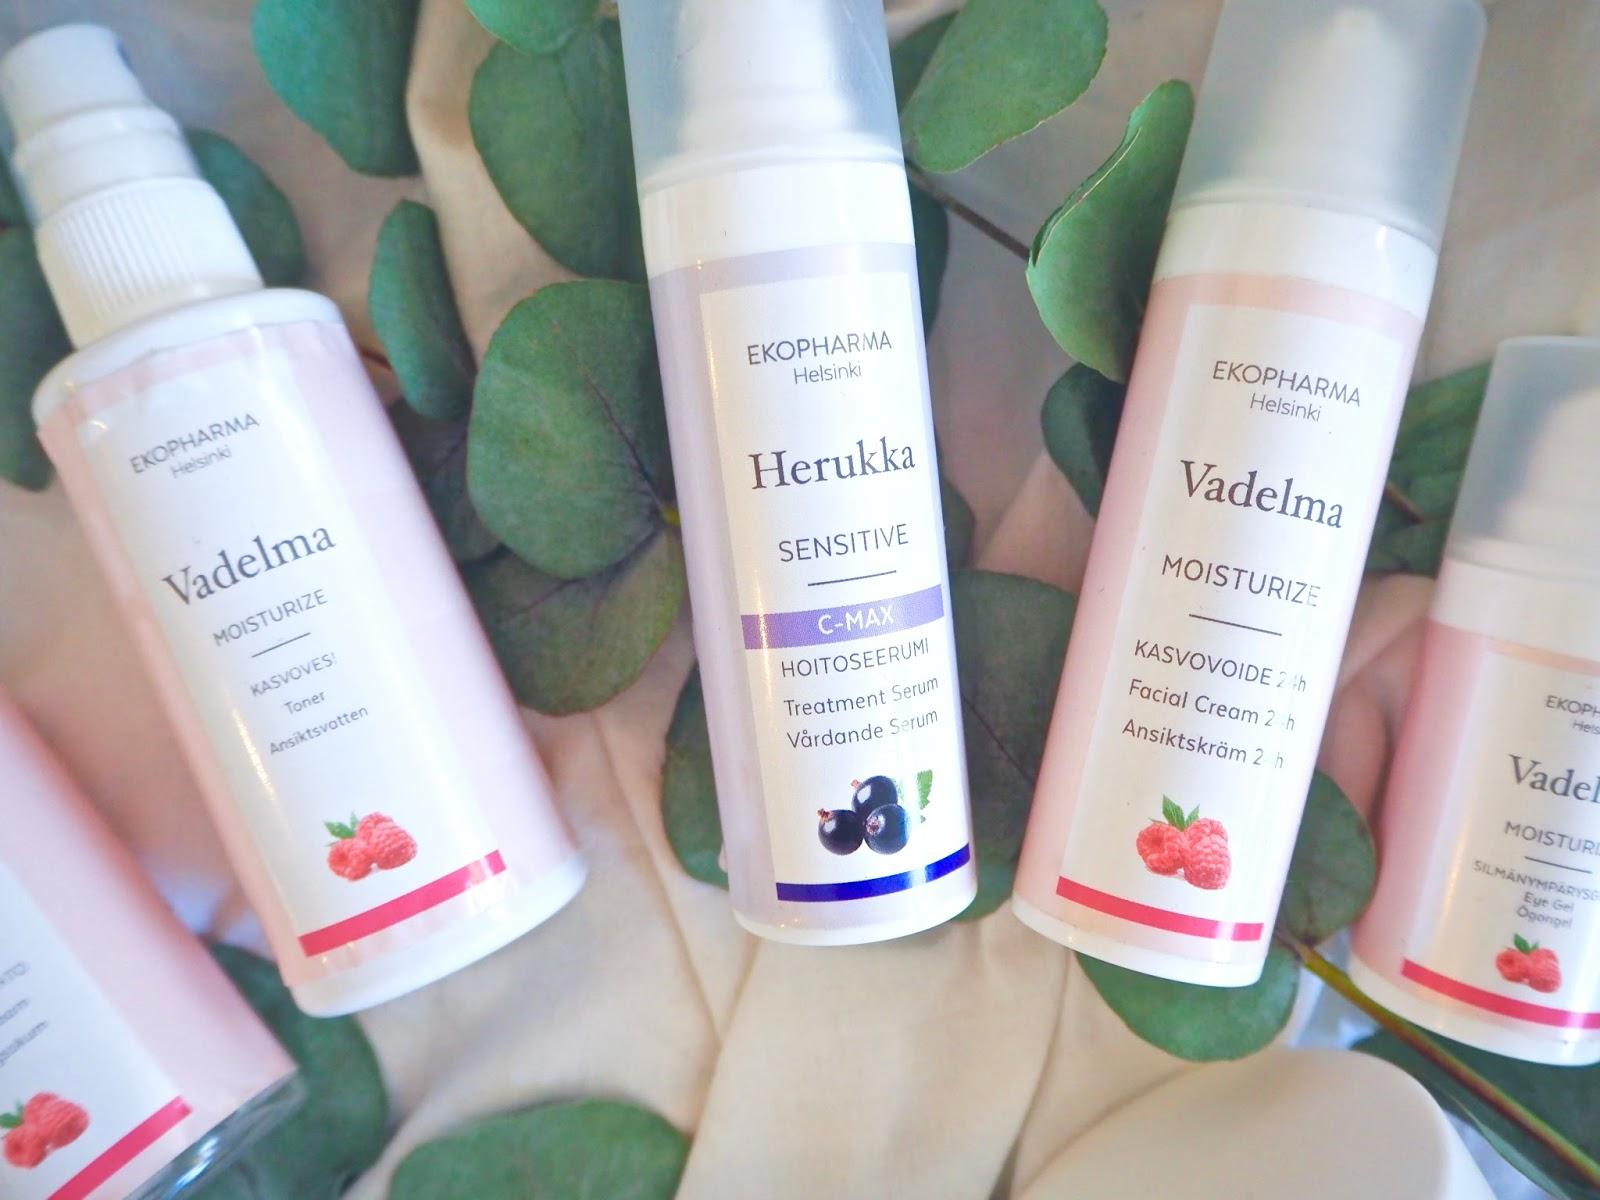 Ekopharman ekokosmetiikkaa: Vadelma-hoitolinjan sekä Herukka-hoitolinjan tuotteet ovat ihania!